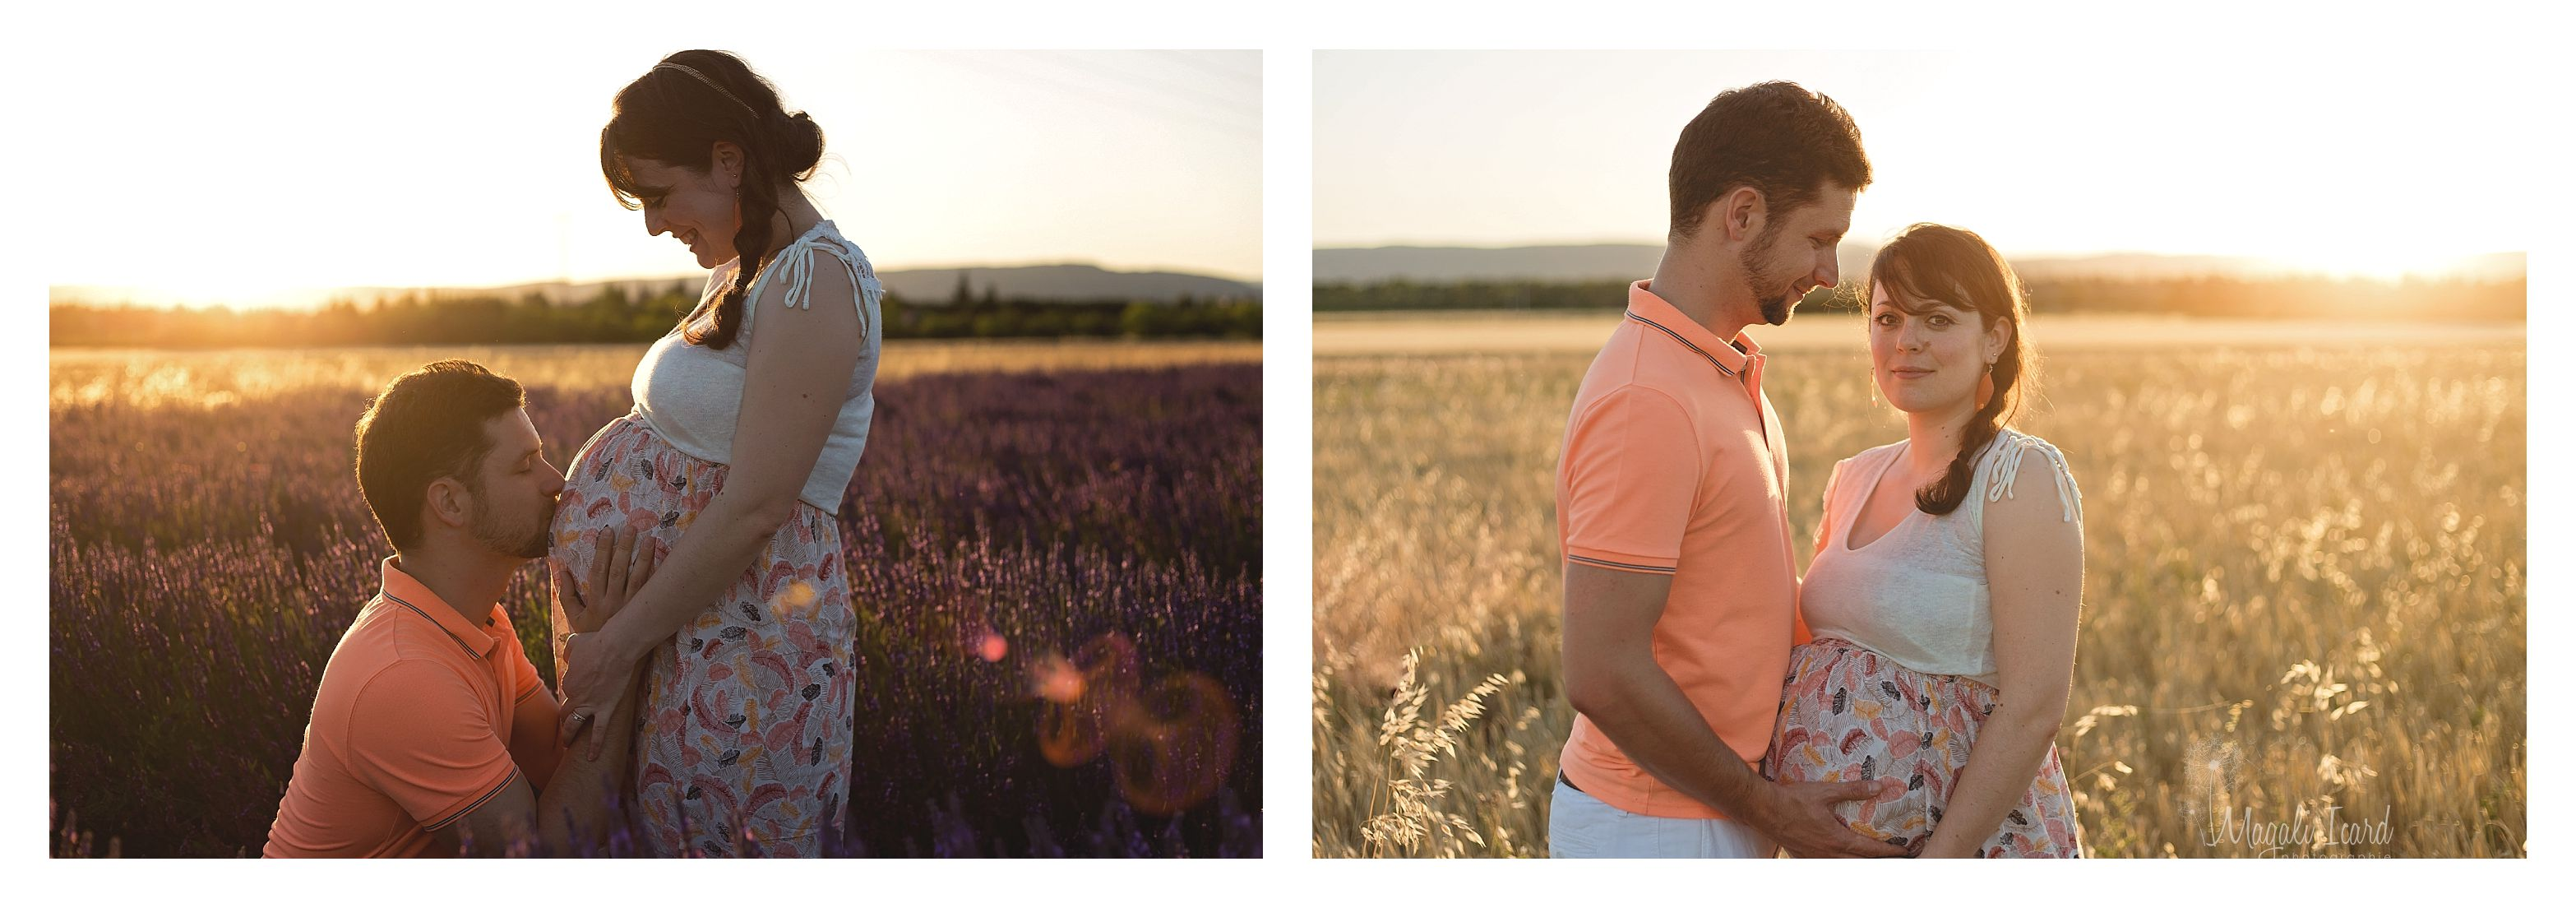 séance photo grossesse champs blé